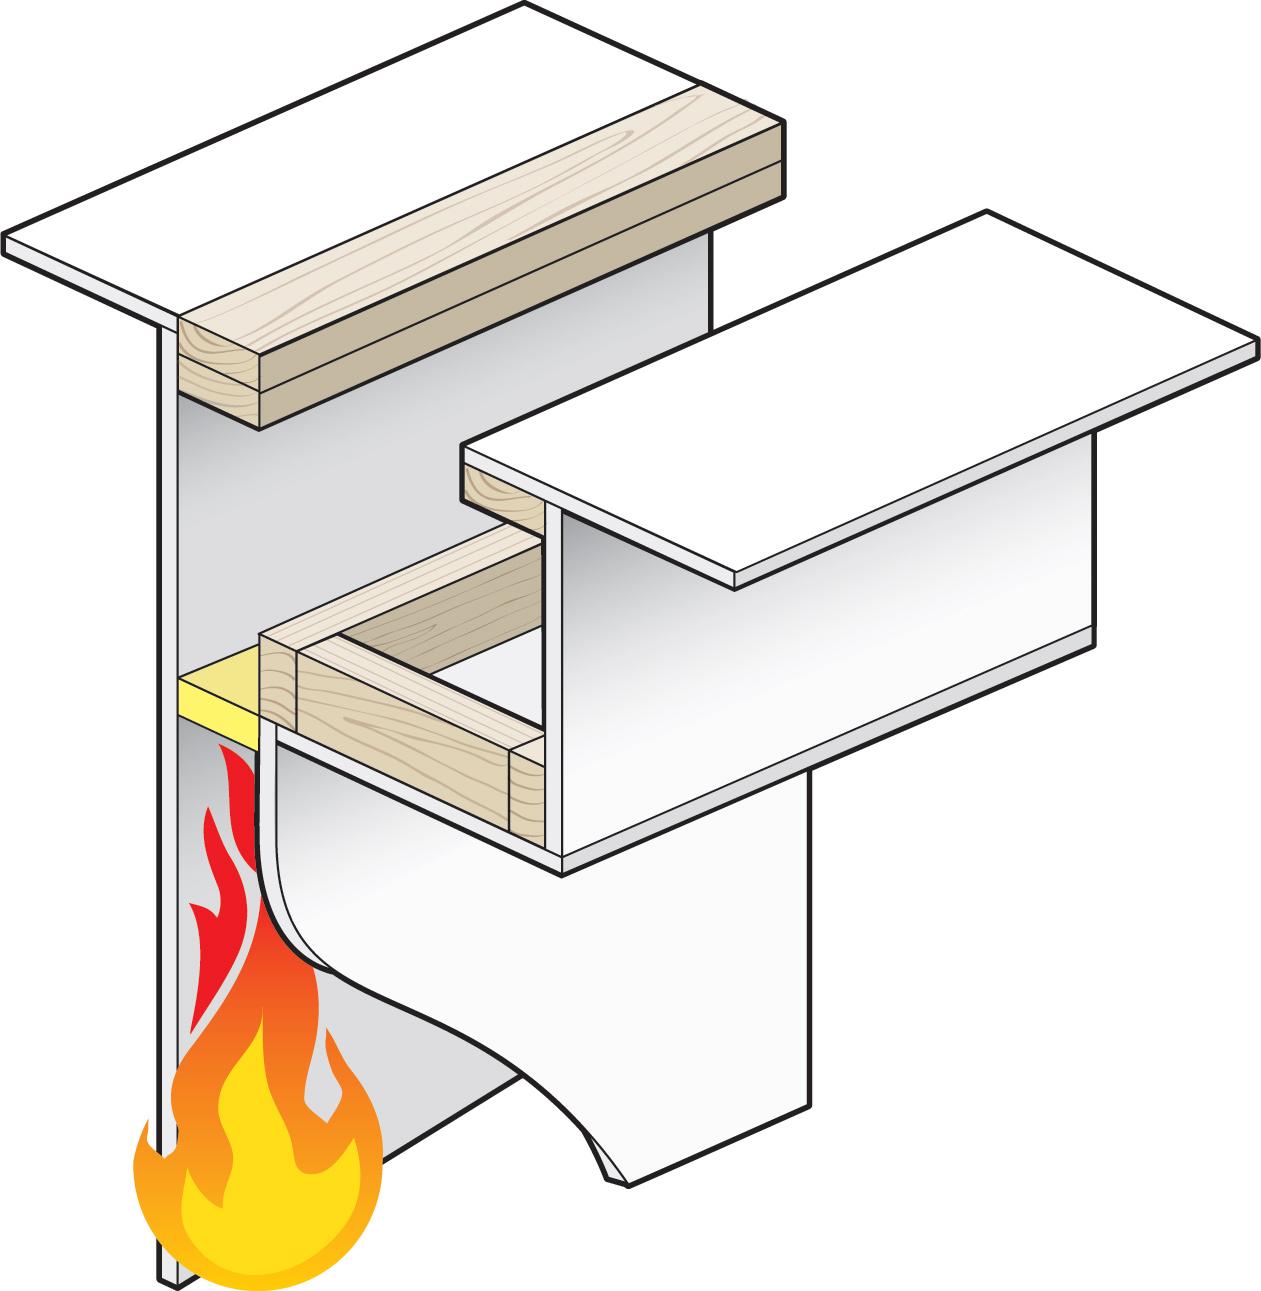 Fire Blocking For Kitchen Cabinets Builder Magazine